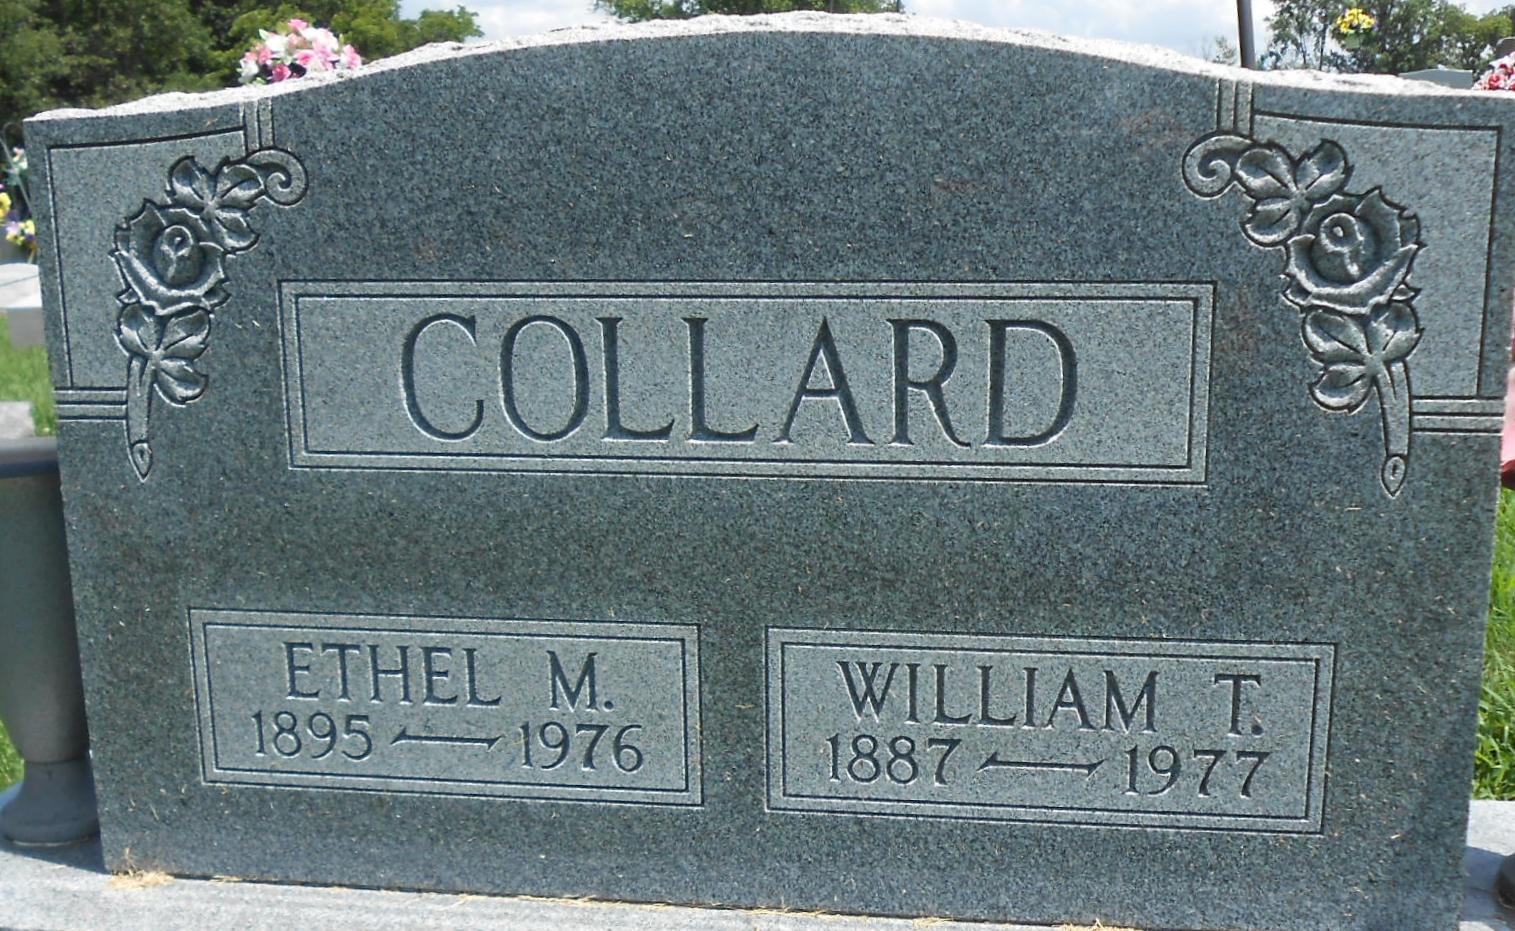 William Thomas Collard